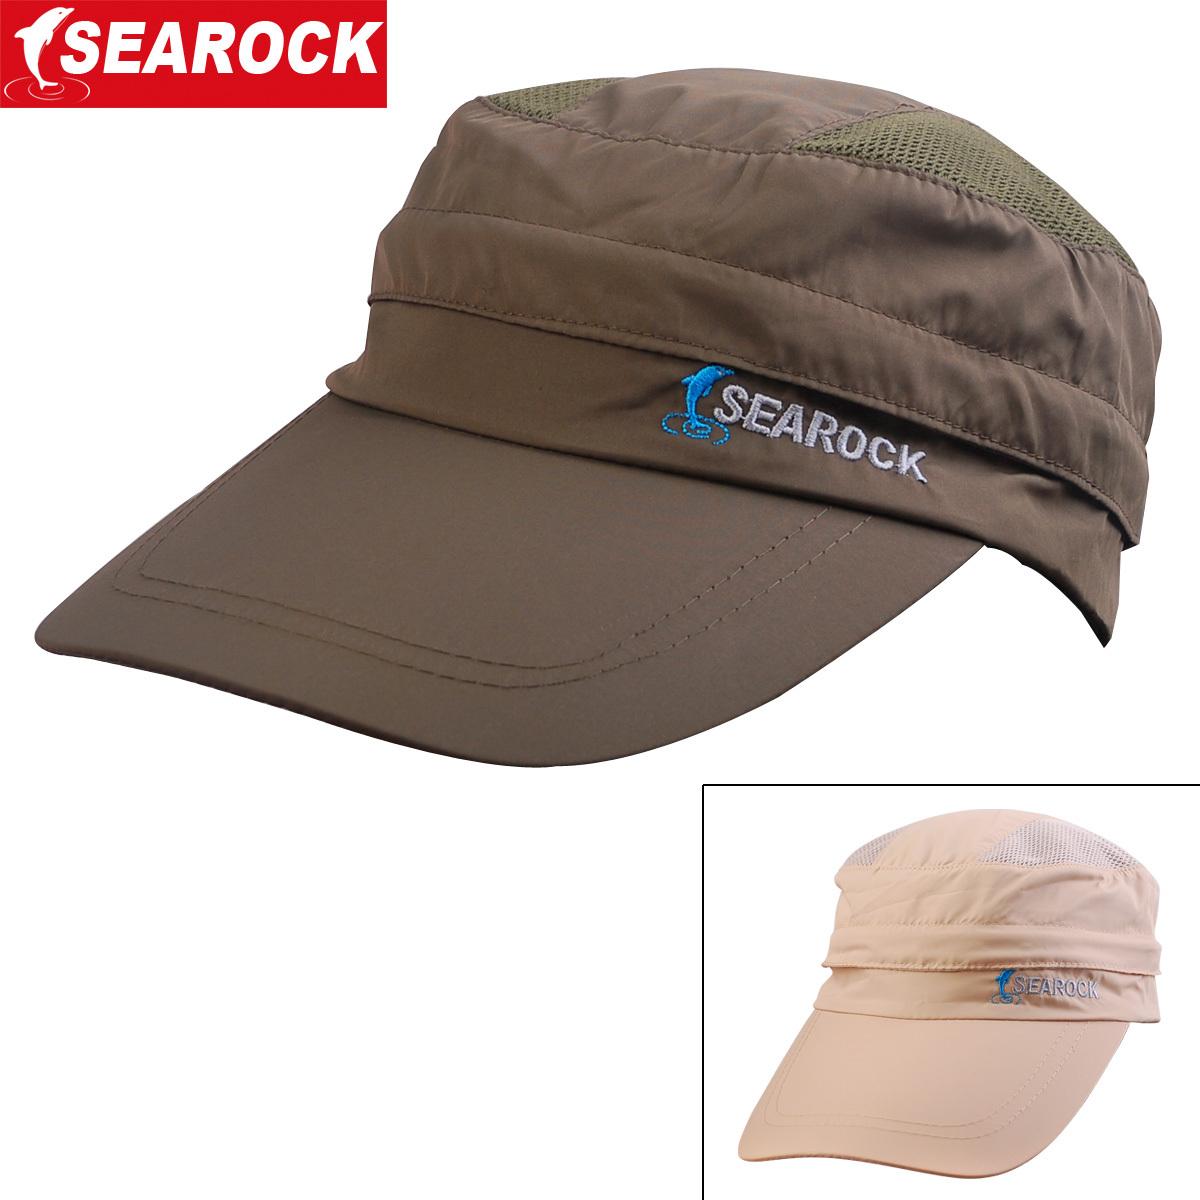 Шапки и кепки для туризма и кемпинга Searock SR/9002 SR Searock / Haiyan